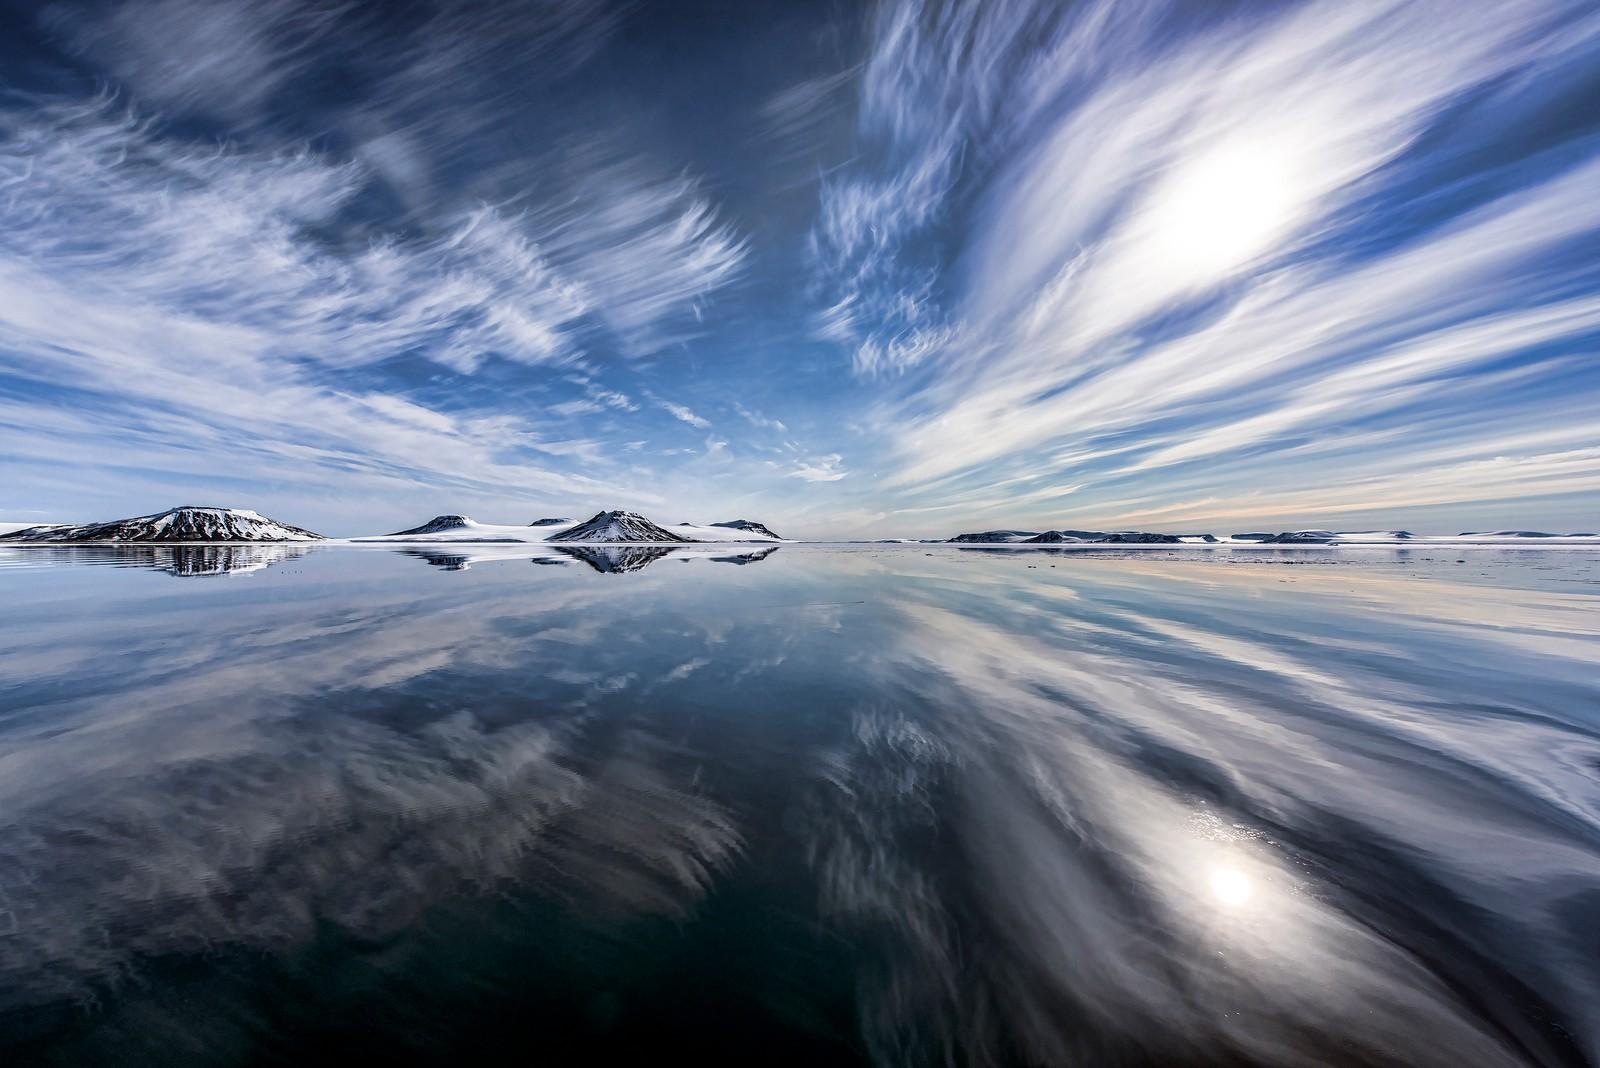 ENDELØST: Mange polfarere har besøkt Frans Josef land - noen på vei mot det endelig målet: Nordpolen. I 1895-96 utforsket Fridtjof Nansen øyriket. I 1926 falt øyene inn under Sovjetunionens herredømme.